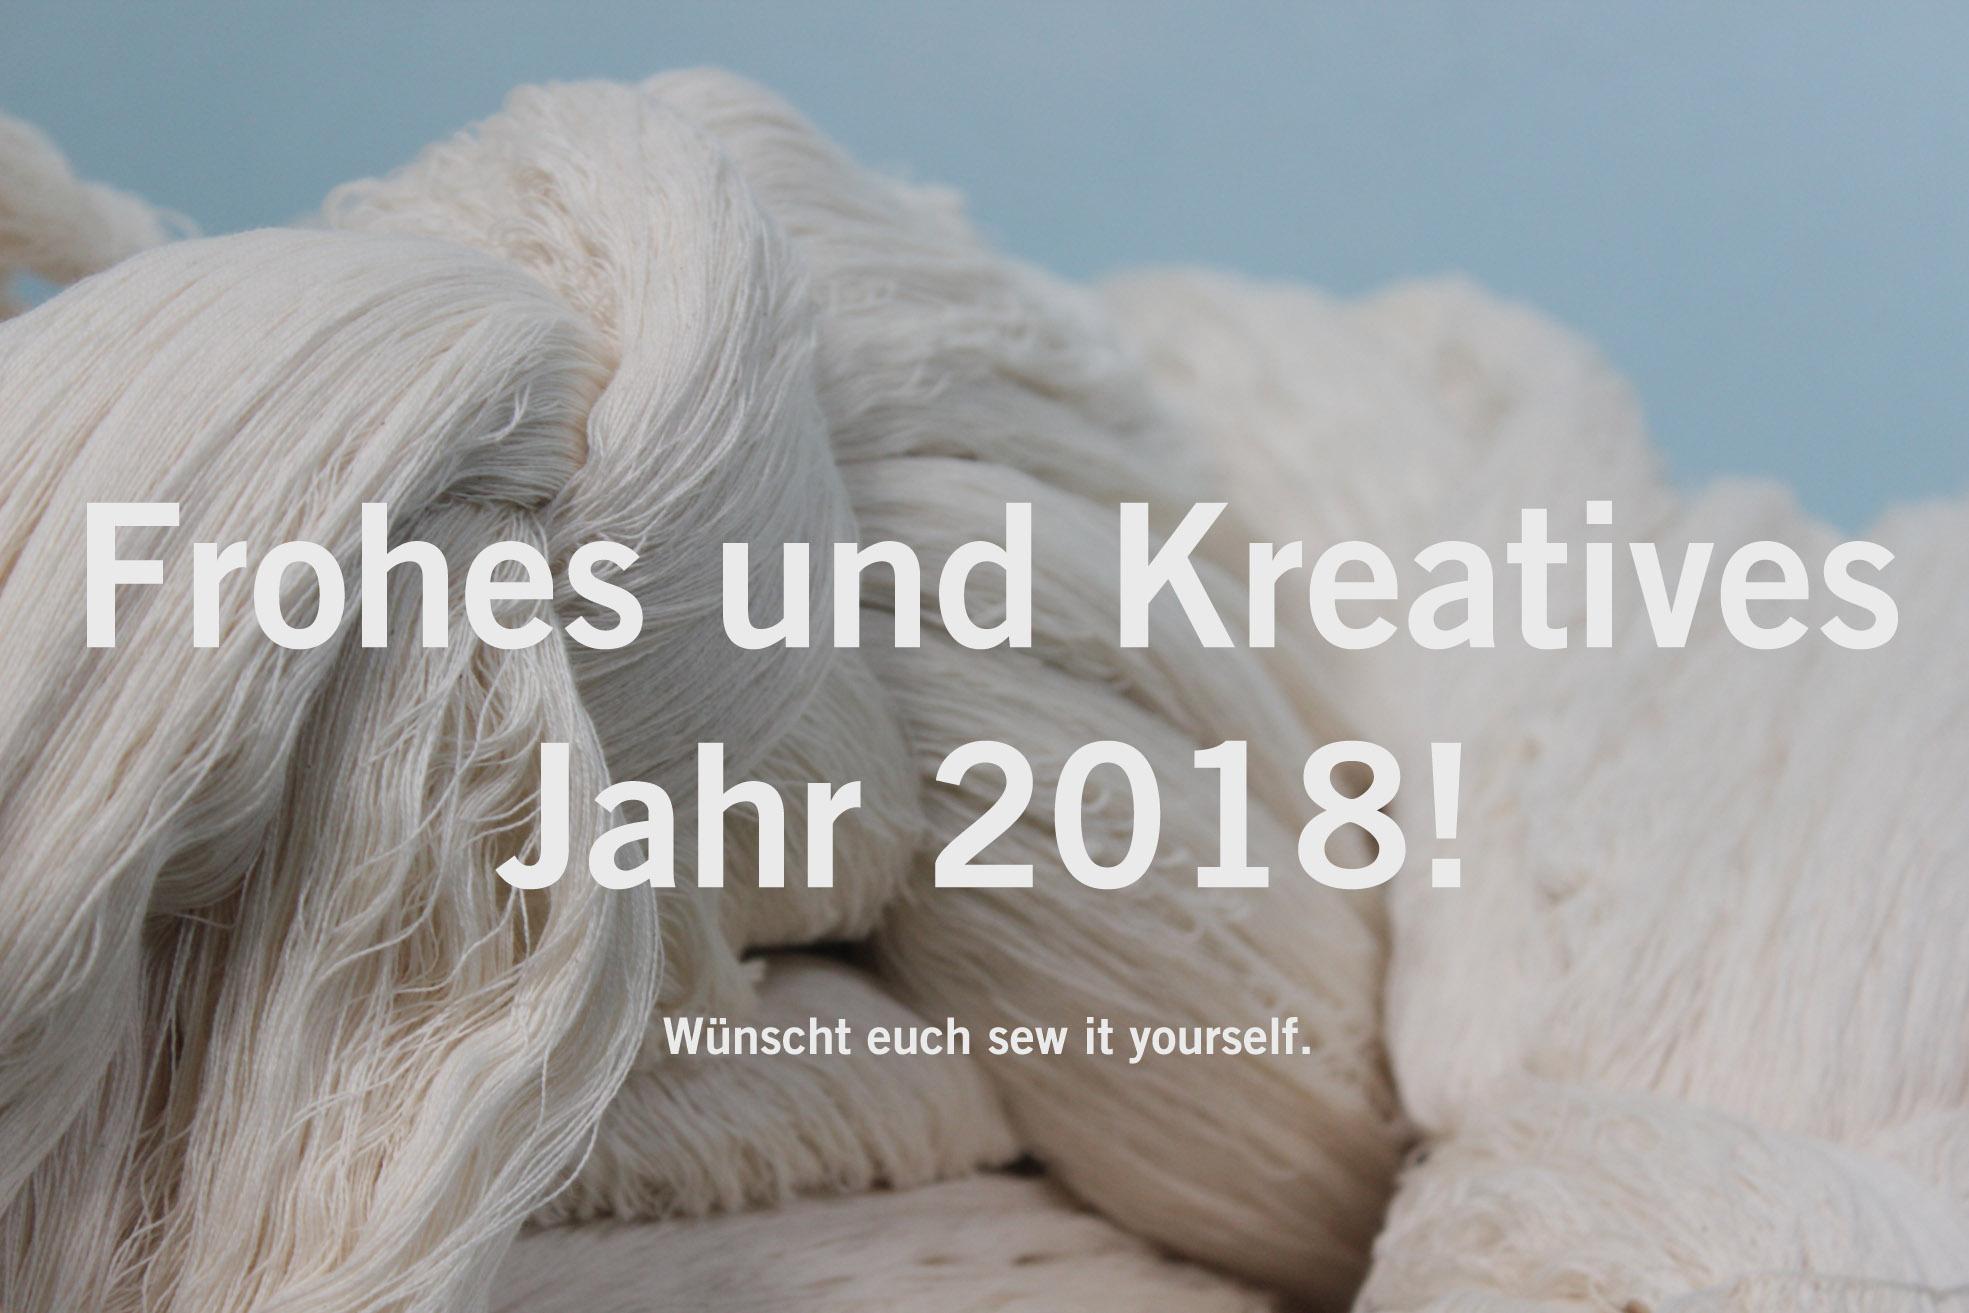 Frohes und kreatives Jahr 2018 wünscht euch sew it yourself